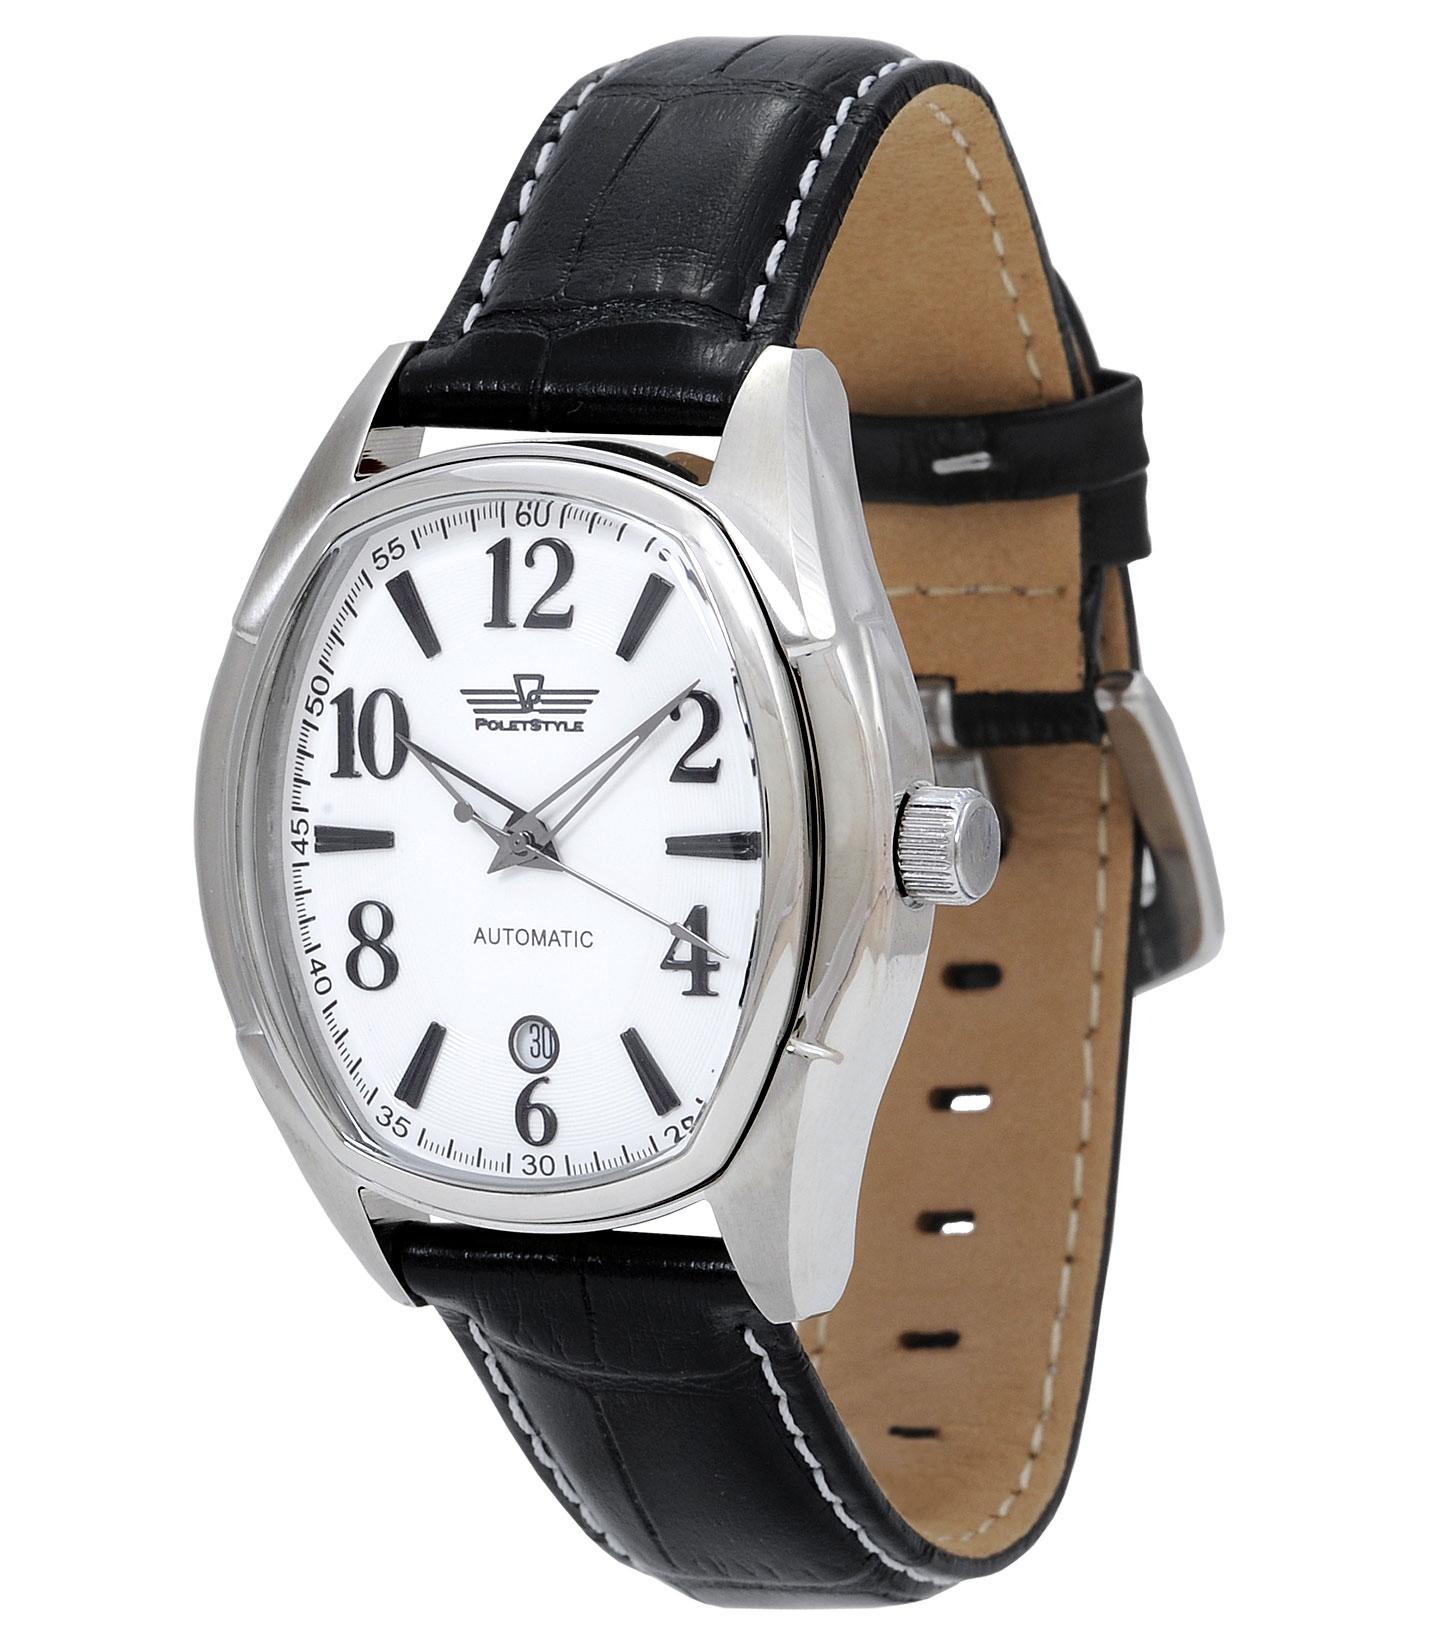 Сколько себя помню всегда нравились напольные часы, заказал в этом магазине mado t из массива сосны, строгие и бесшумные.